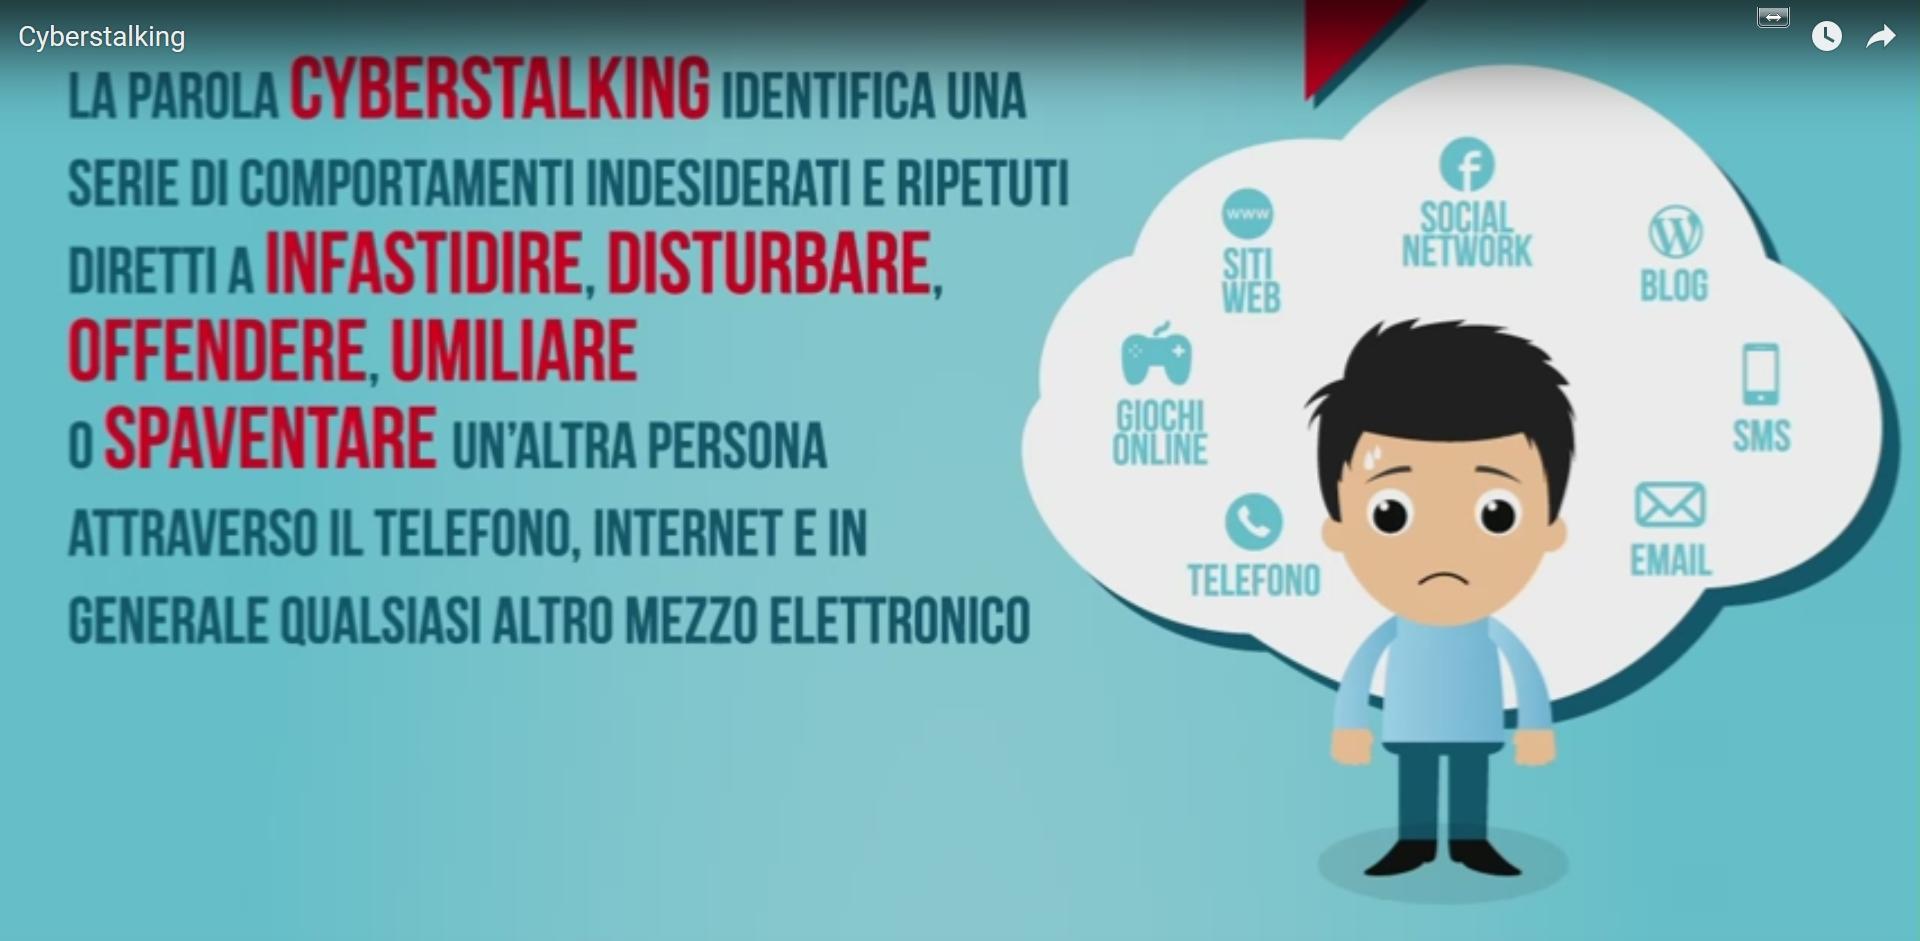 Cyberstalking - image